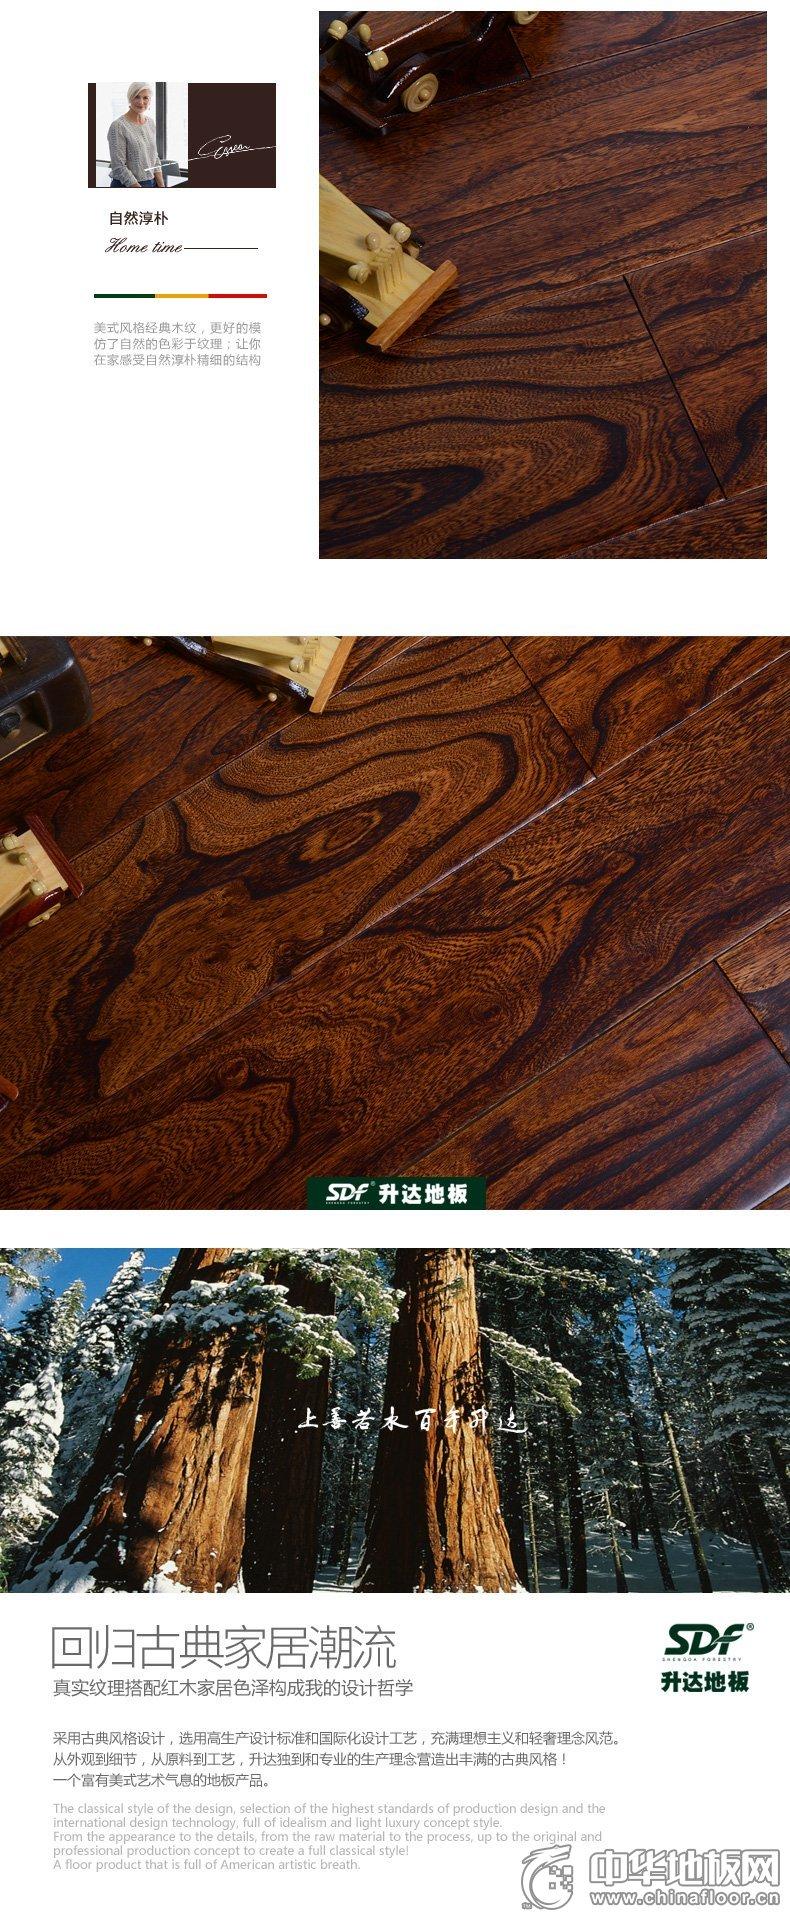 升达地板15mm 多层实木复合地板AS-008 工厂直销